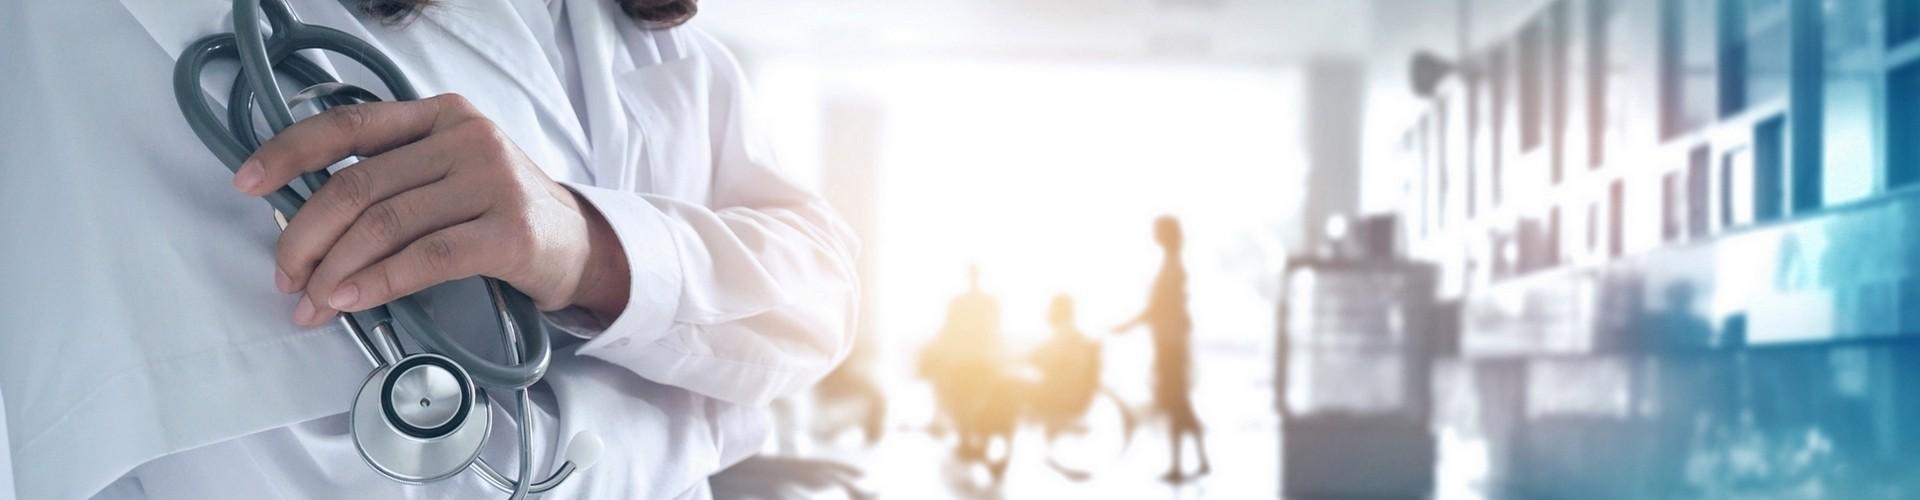 Régilait l'engagement qualité pour les professionnels du médico-social